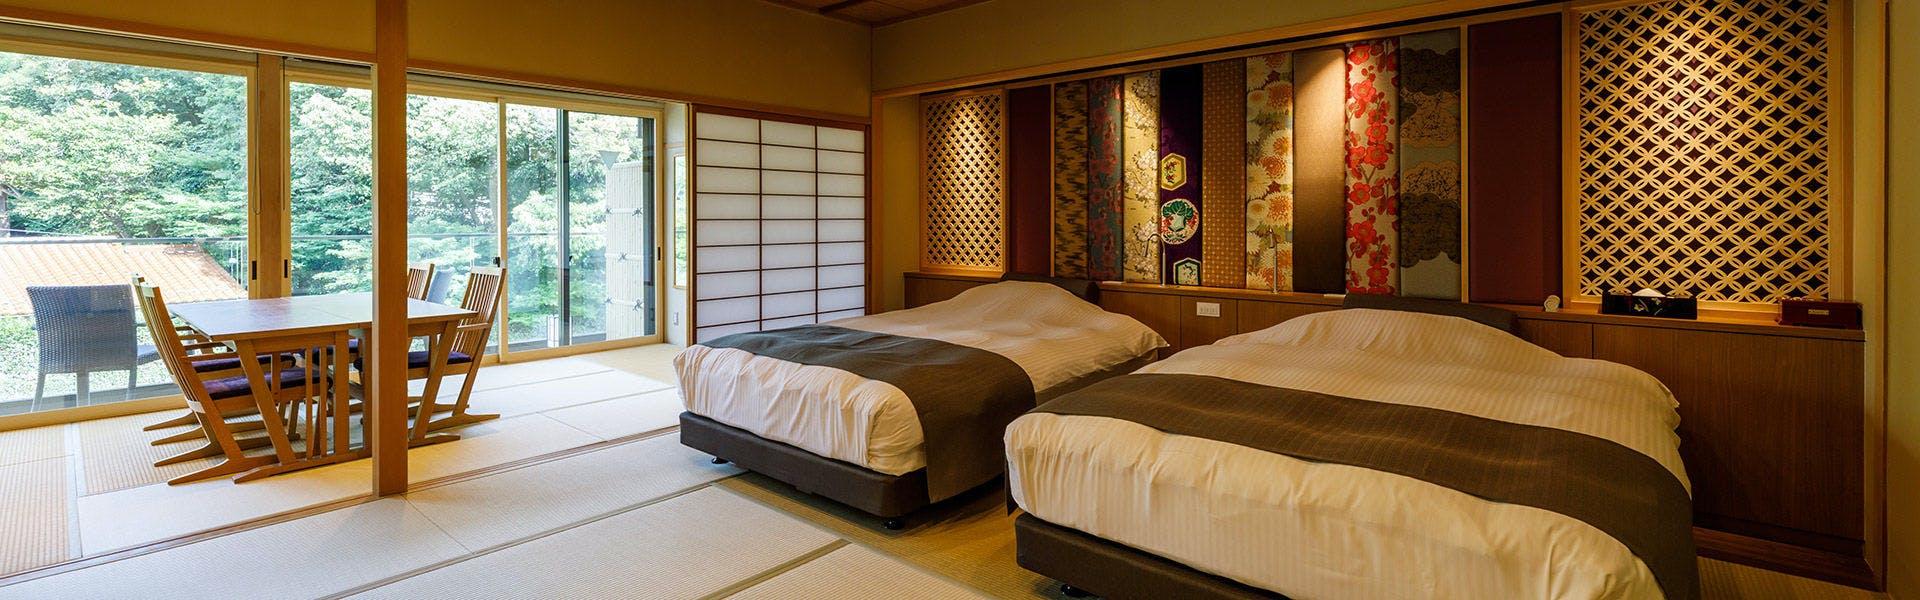 記念日におすすめのホテル・たちばな四季亭の写真2